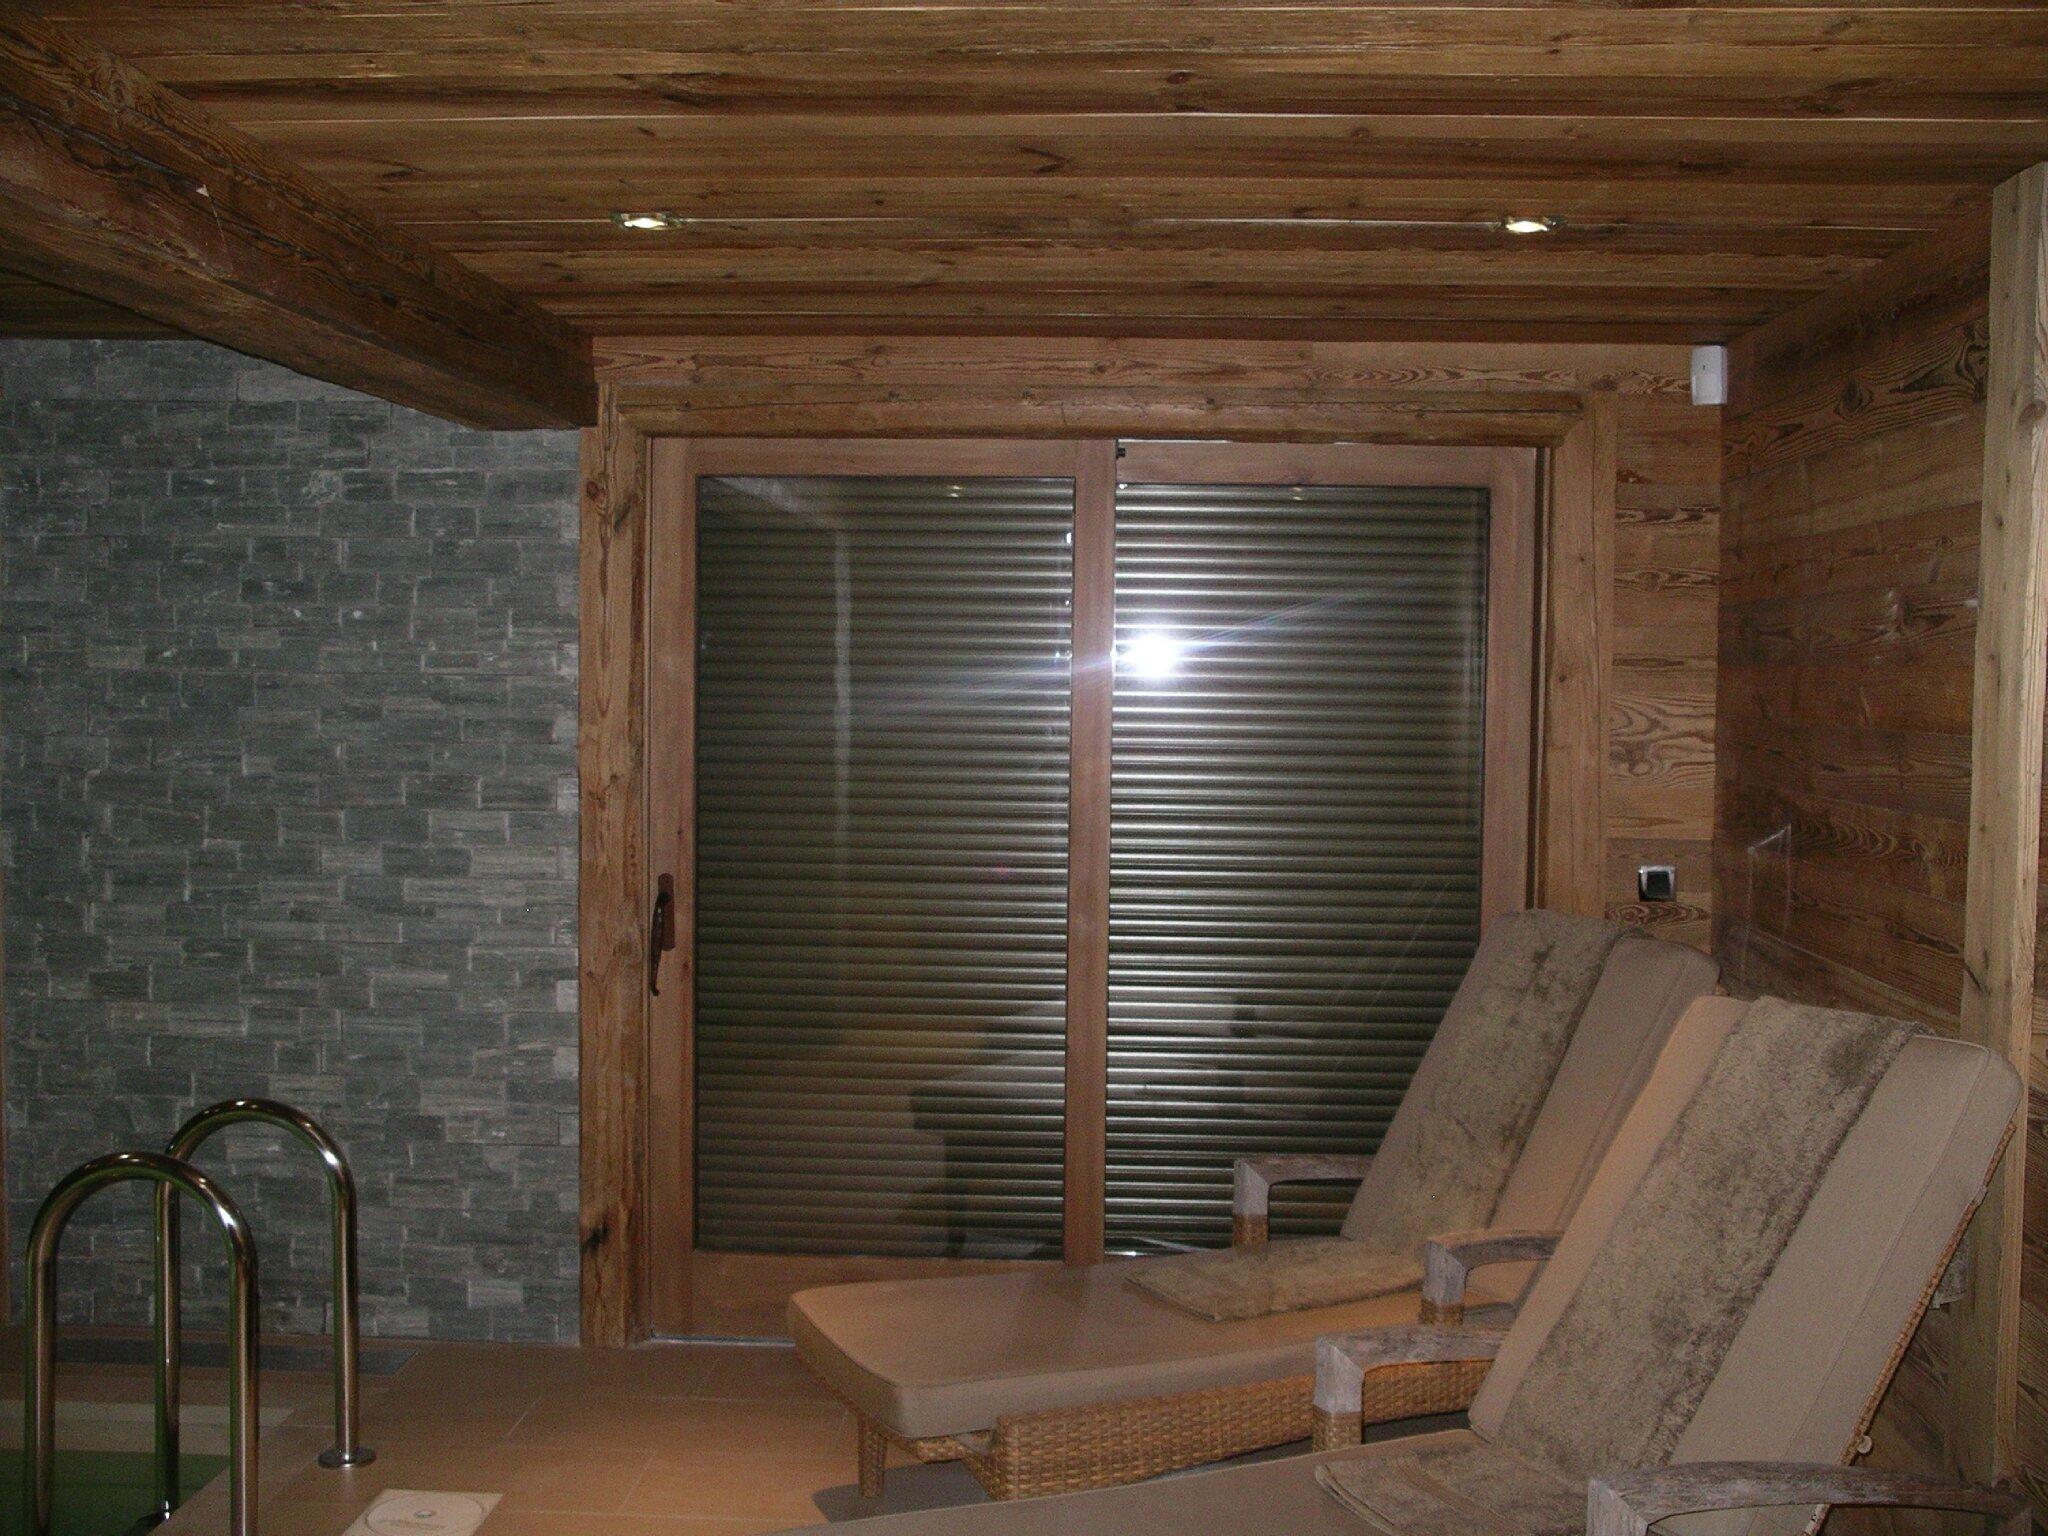 Imgp0574 photo de agencement interieur d 39 un chalet - Interieur chalet savoyard ...